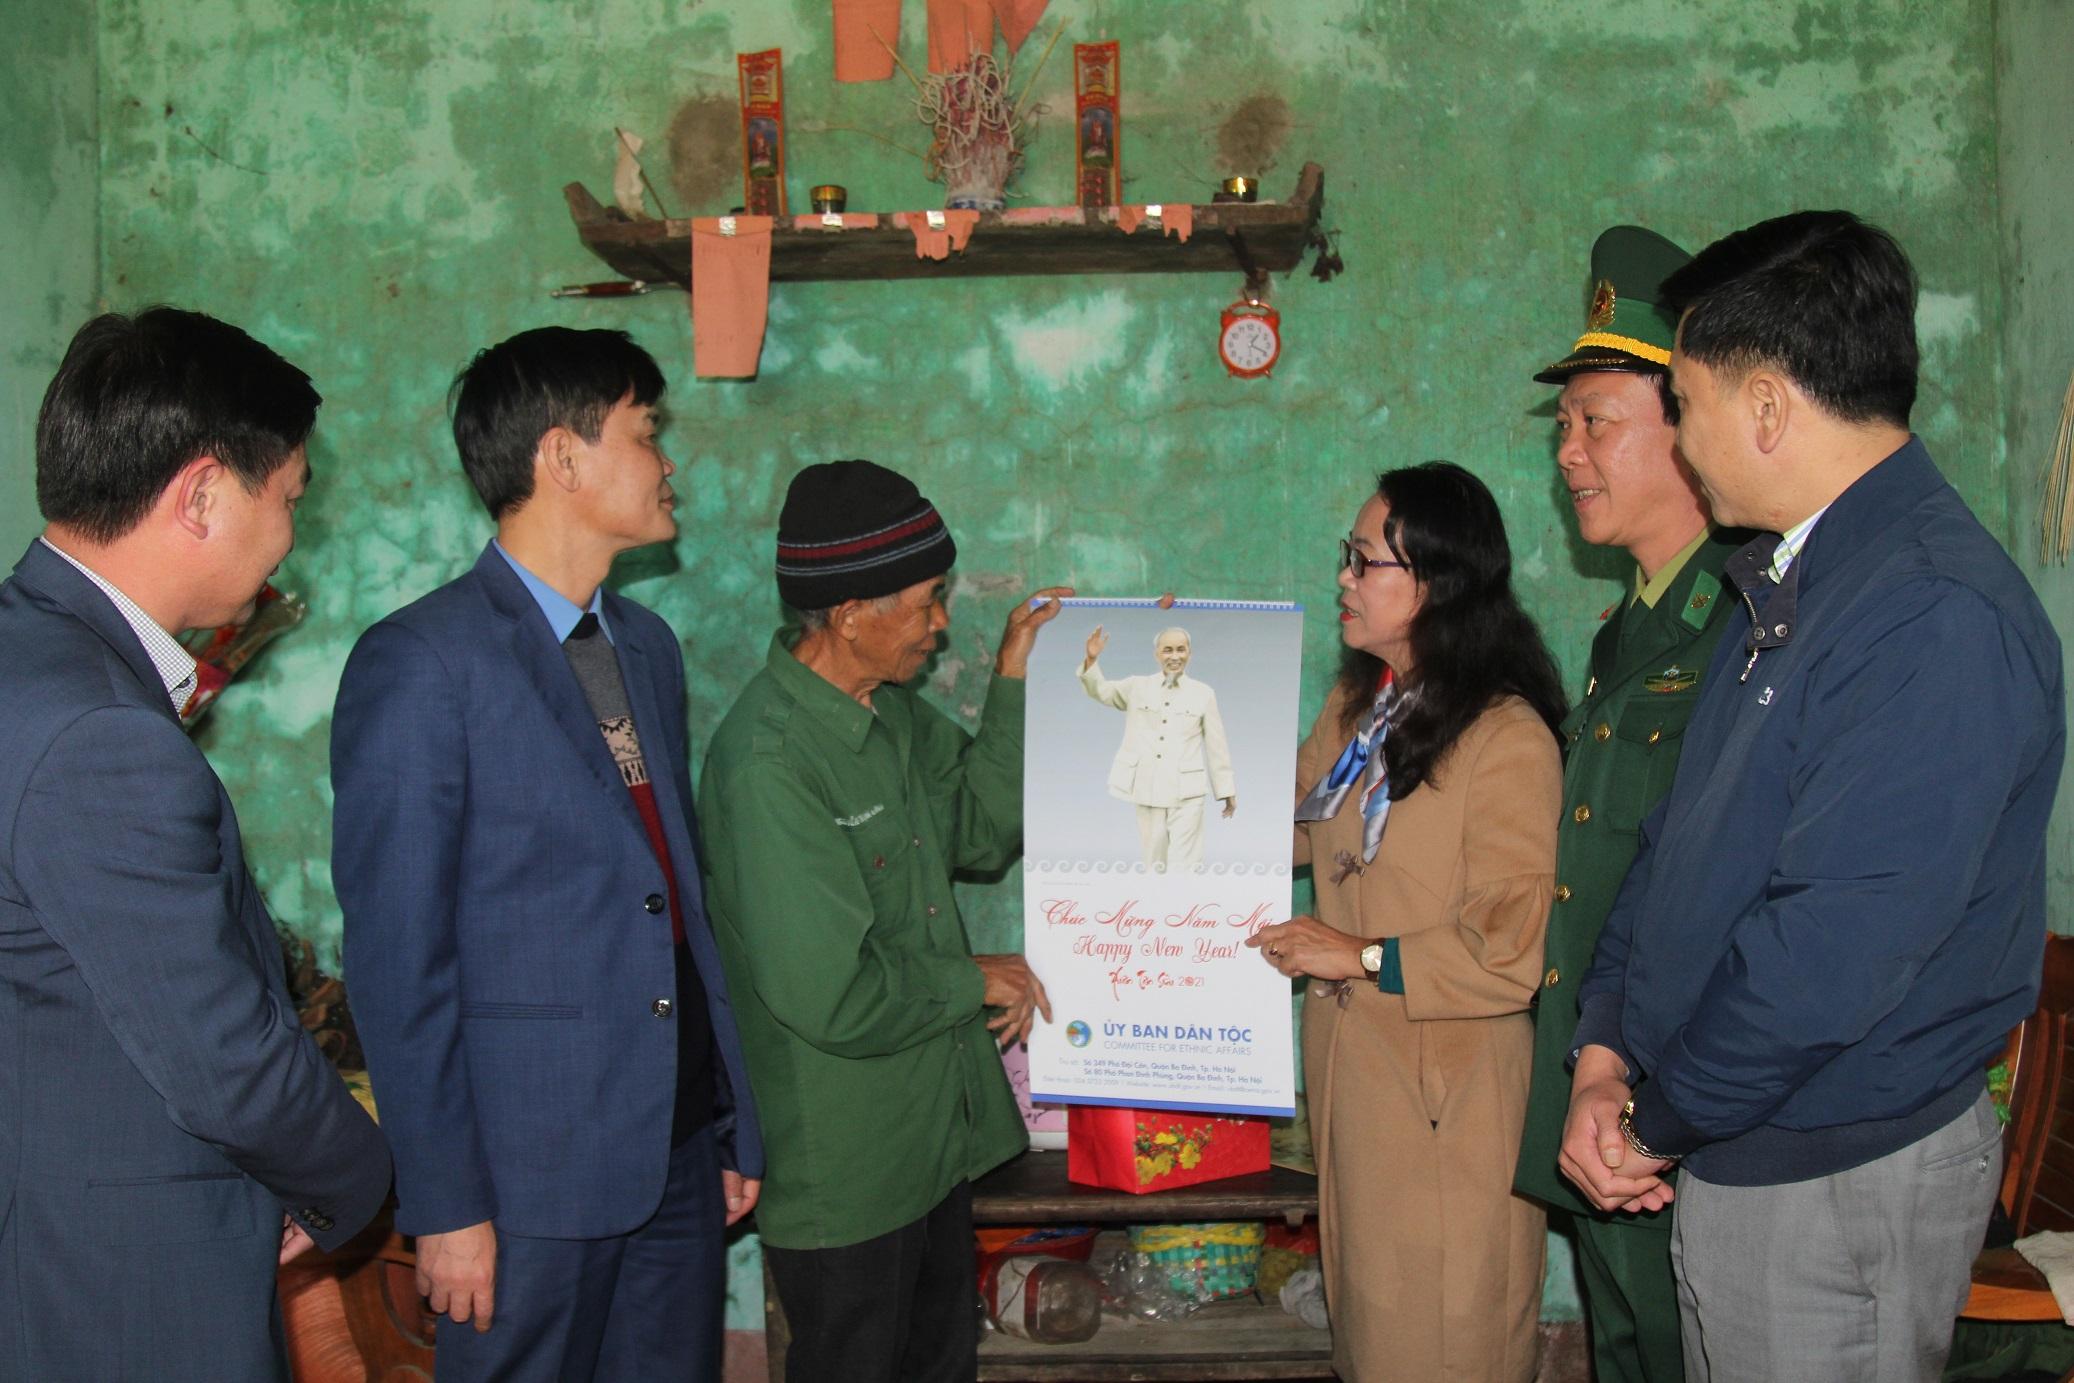 Thứ trưởng, Phó Chủ nhiệm Hoàng Thị Hạnh tặng quà Người có uy tín xã Quảng Đức, huyện Hải Hà